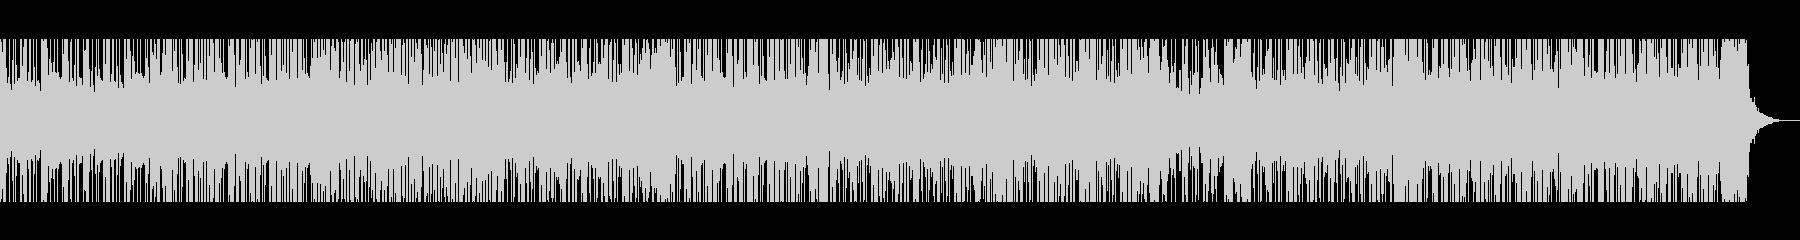 オルガンのキレが良く明るいファンク風の未再生の波形